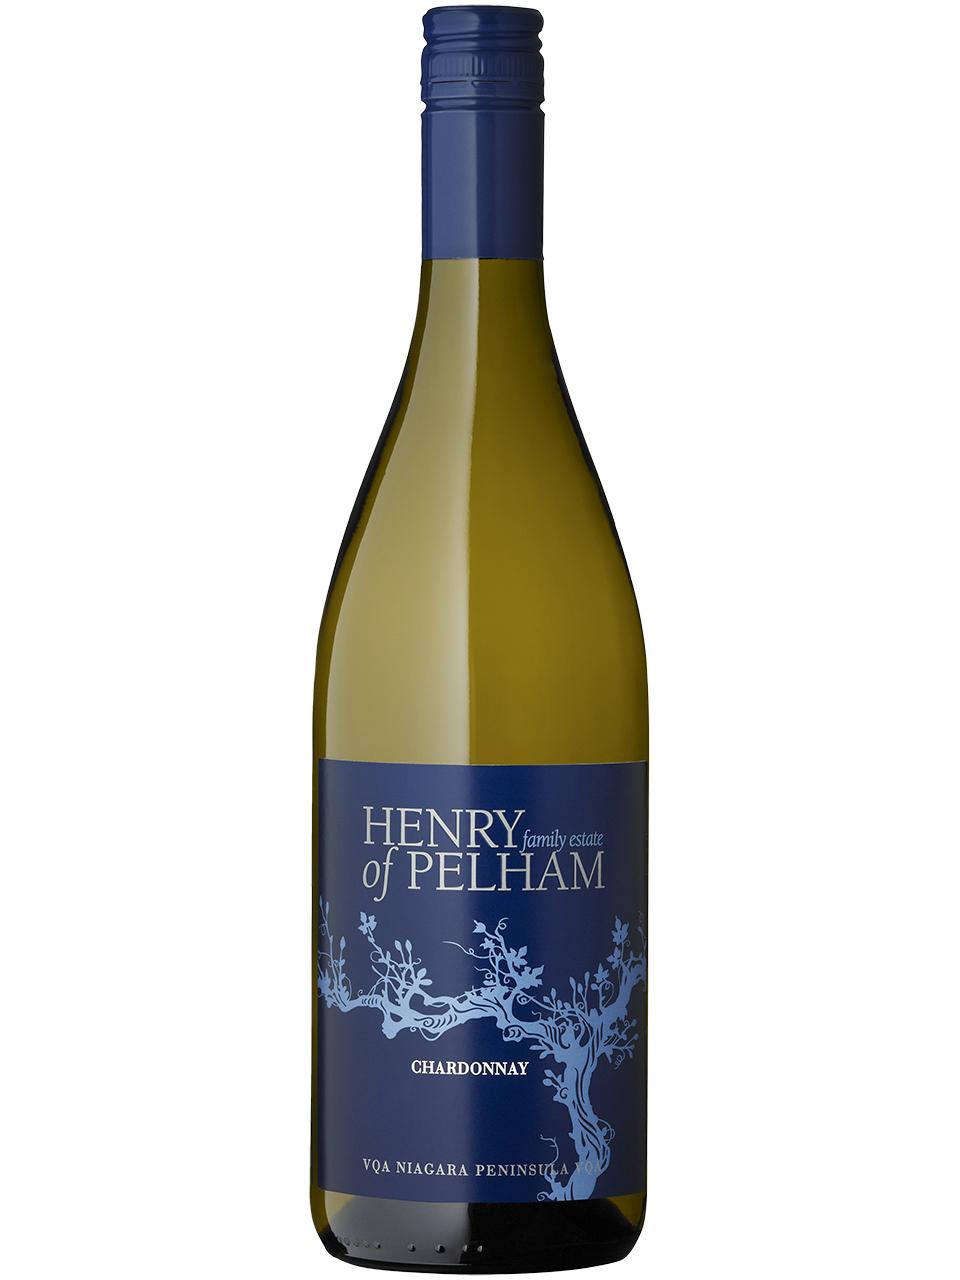 Henry of Pelham Chardonnay VQA